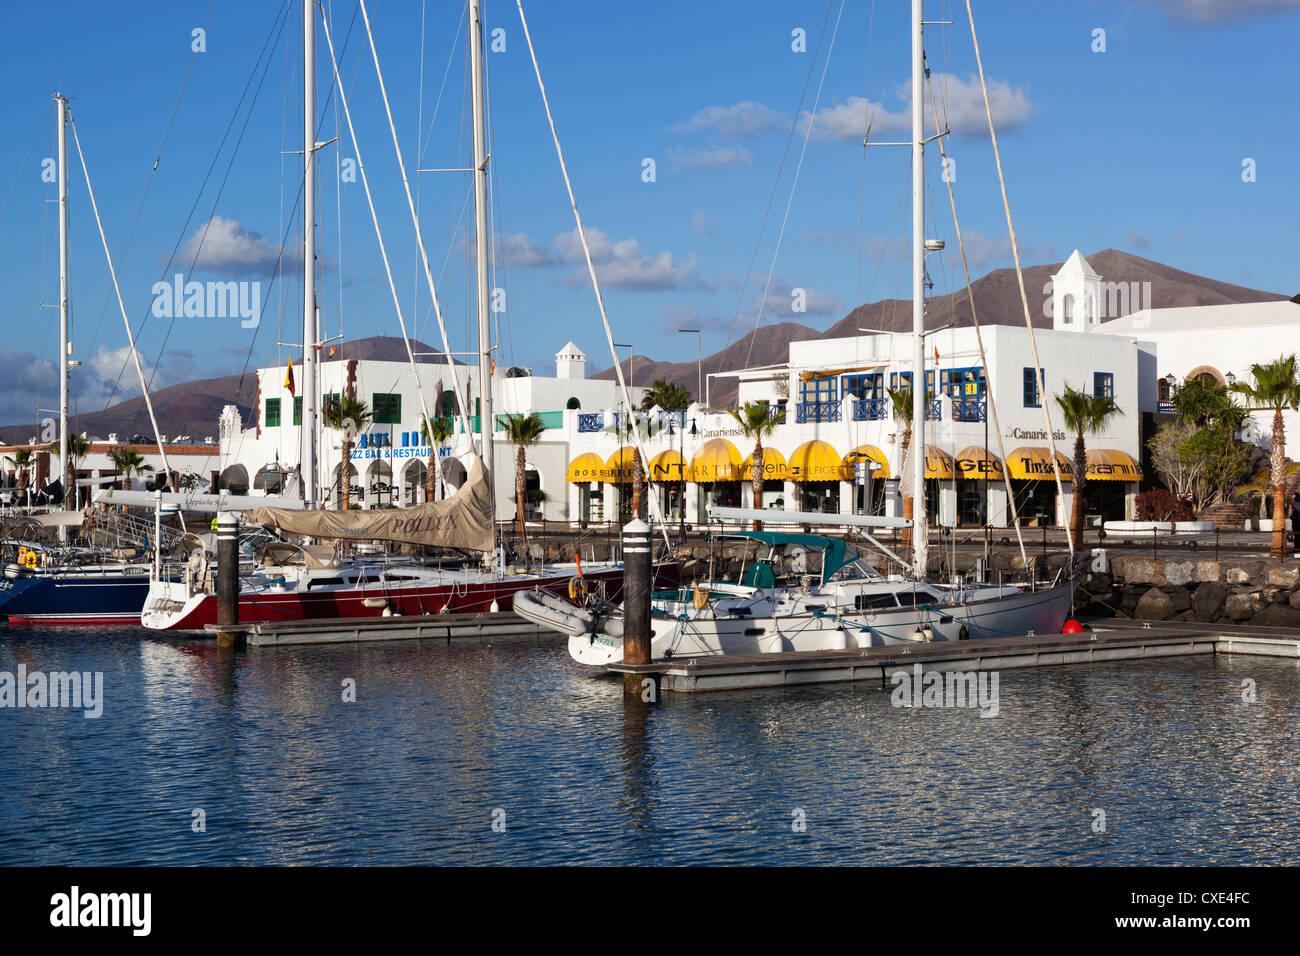 Blick über die Marina, Playa Blanca, Lanzarote, Kanarische Inseln, Spanien Stockbild